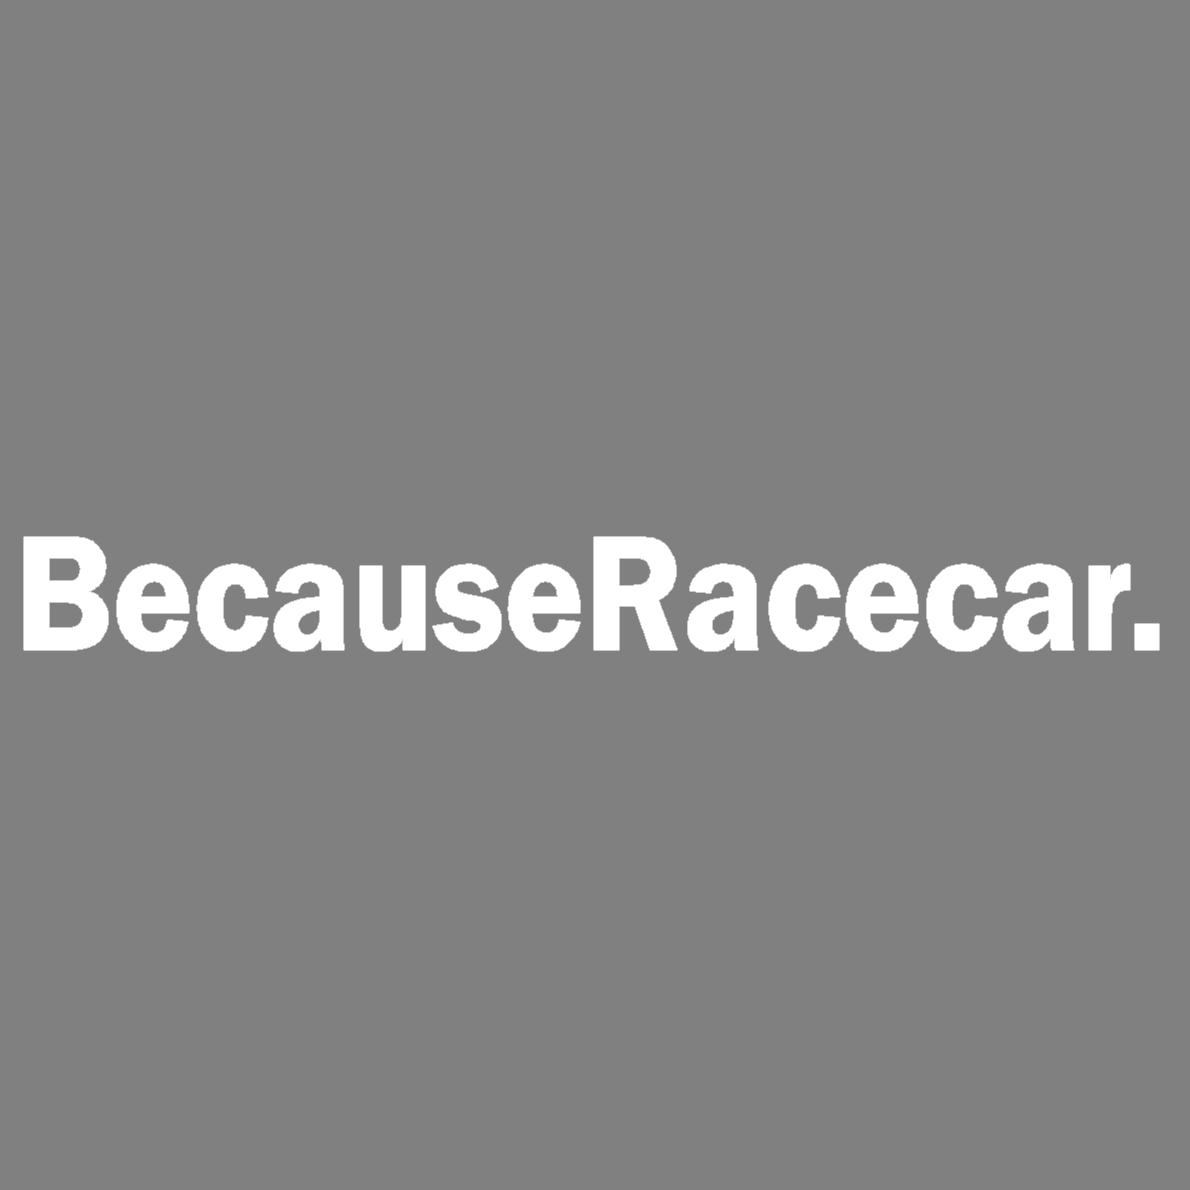 BecauseRacecar